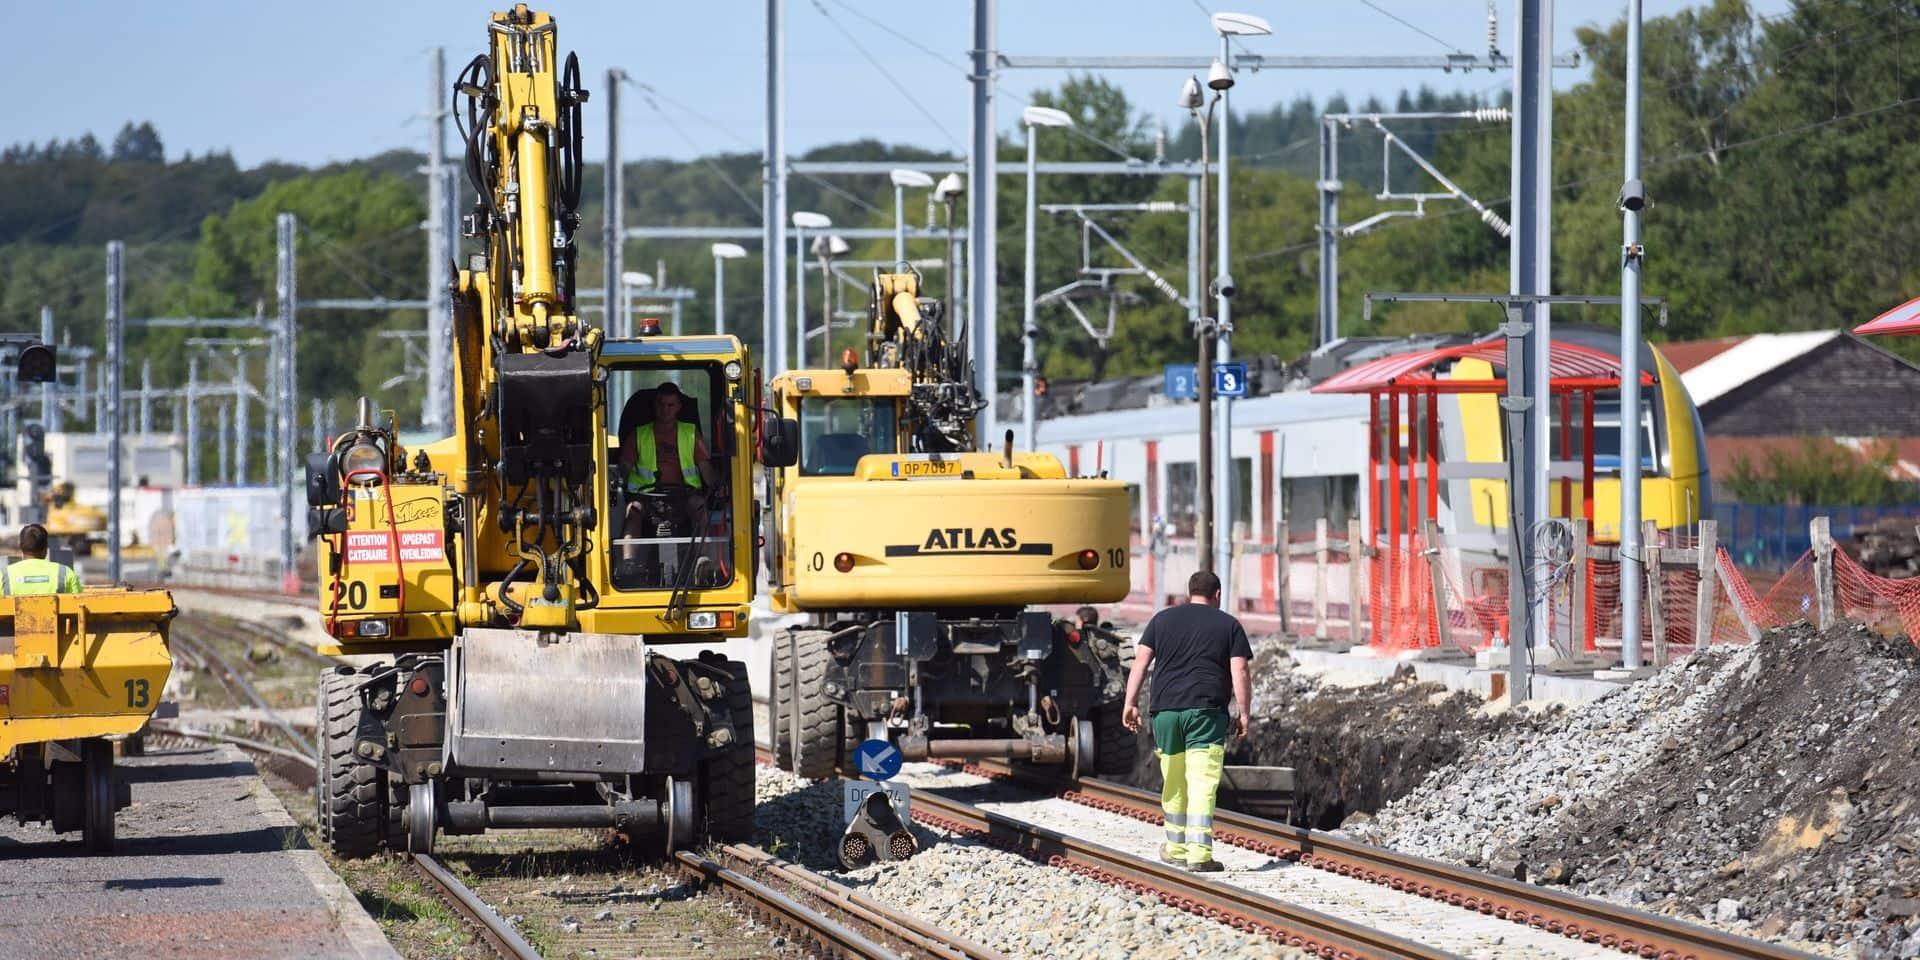 Mouscron : une réunion citoyenne en prévision des futurs travaux sur la ligne ferroviaire Mouscron-Tournai